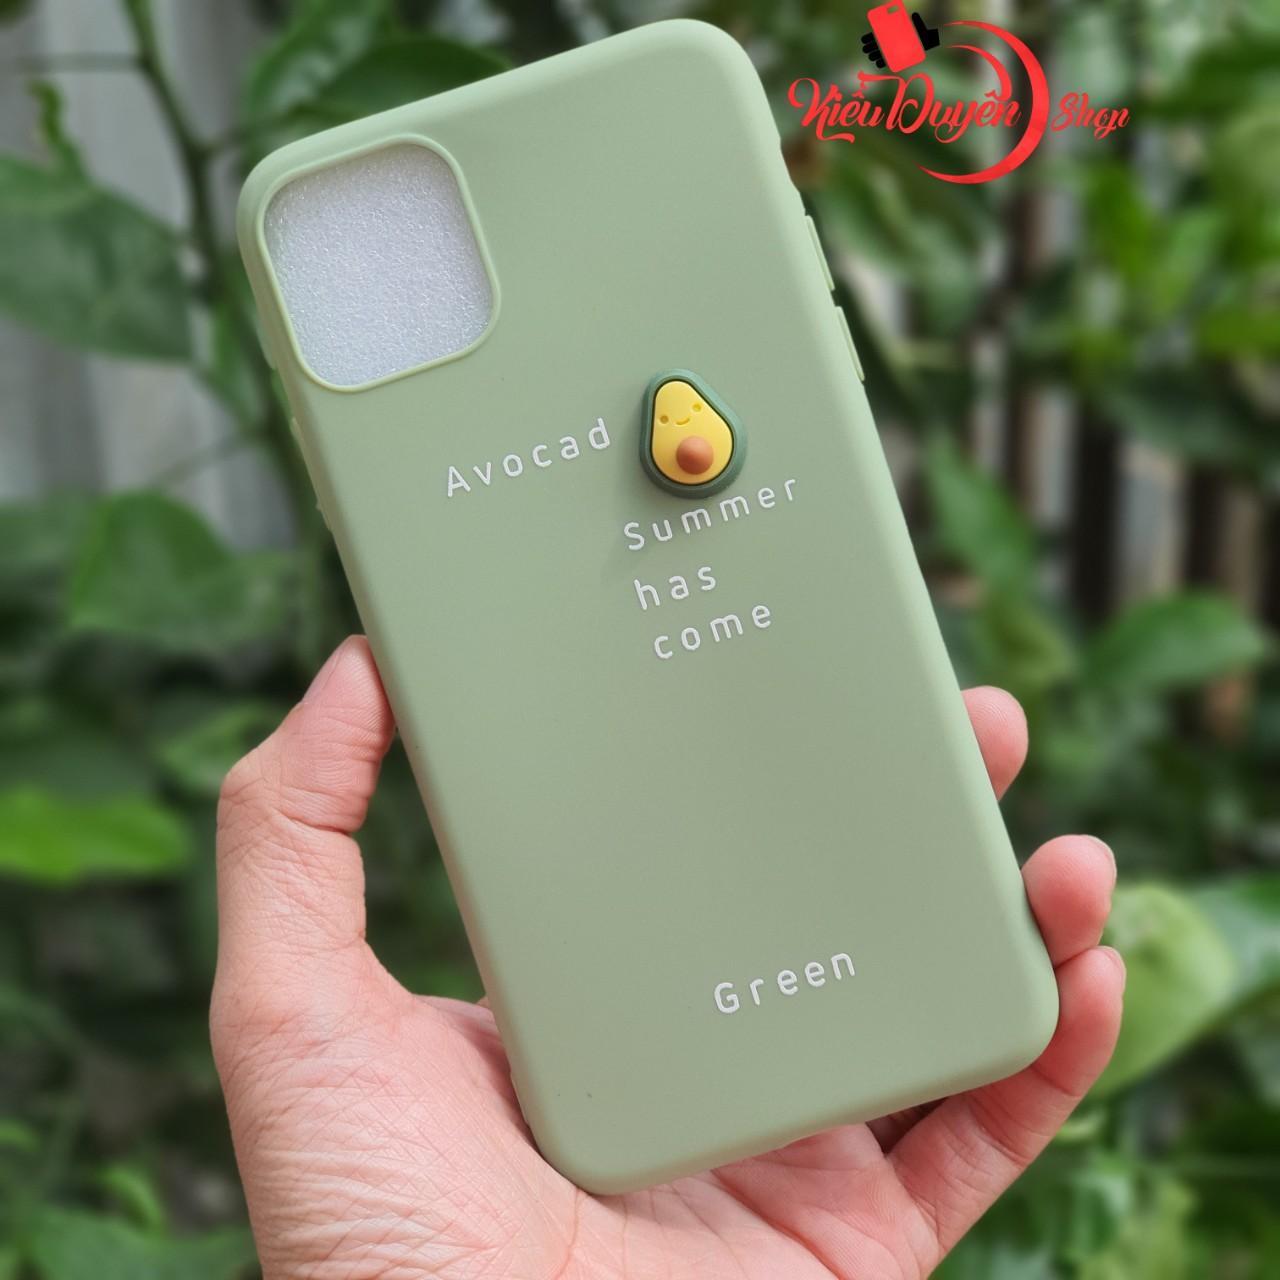 Giá Ốp lưng trái cây nổi Iphone 5,5s,6,6s,6 plus,6s plus,7,8,7 plus,8 plus,X,XS,XR,XS Max,11,11 Pro,11 Pro Max